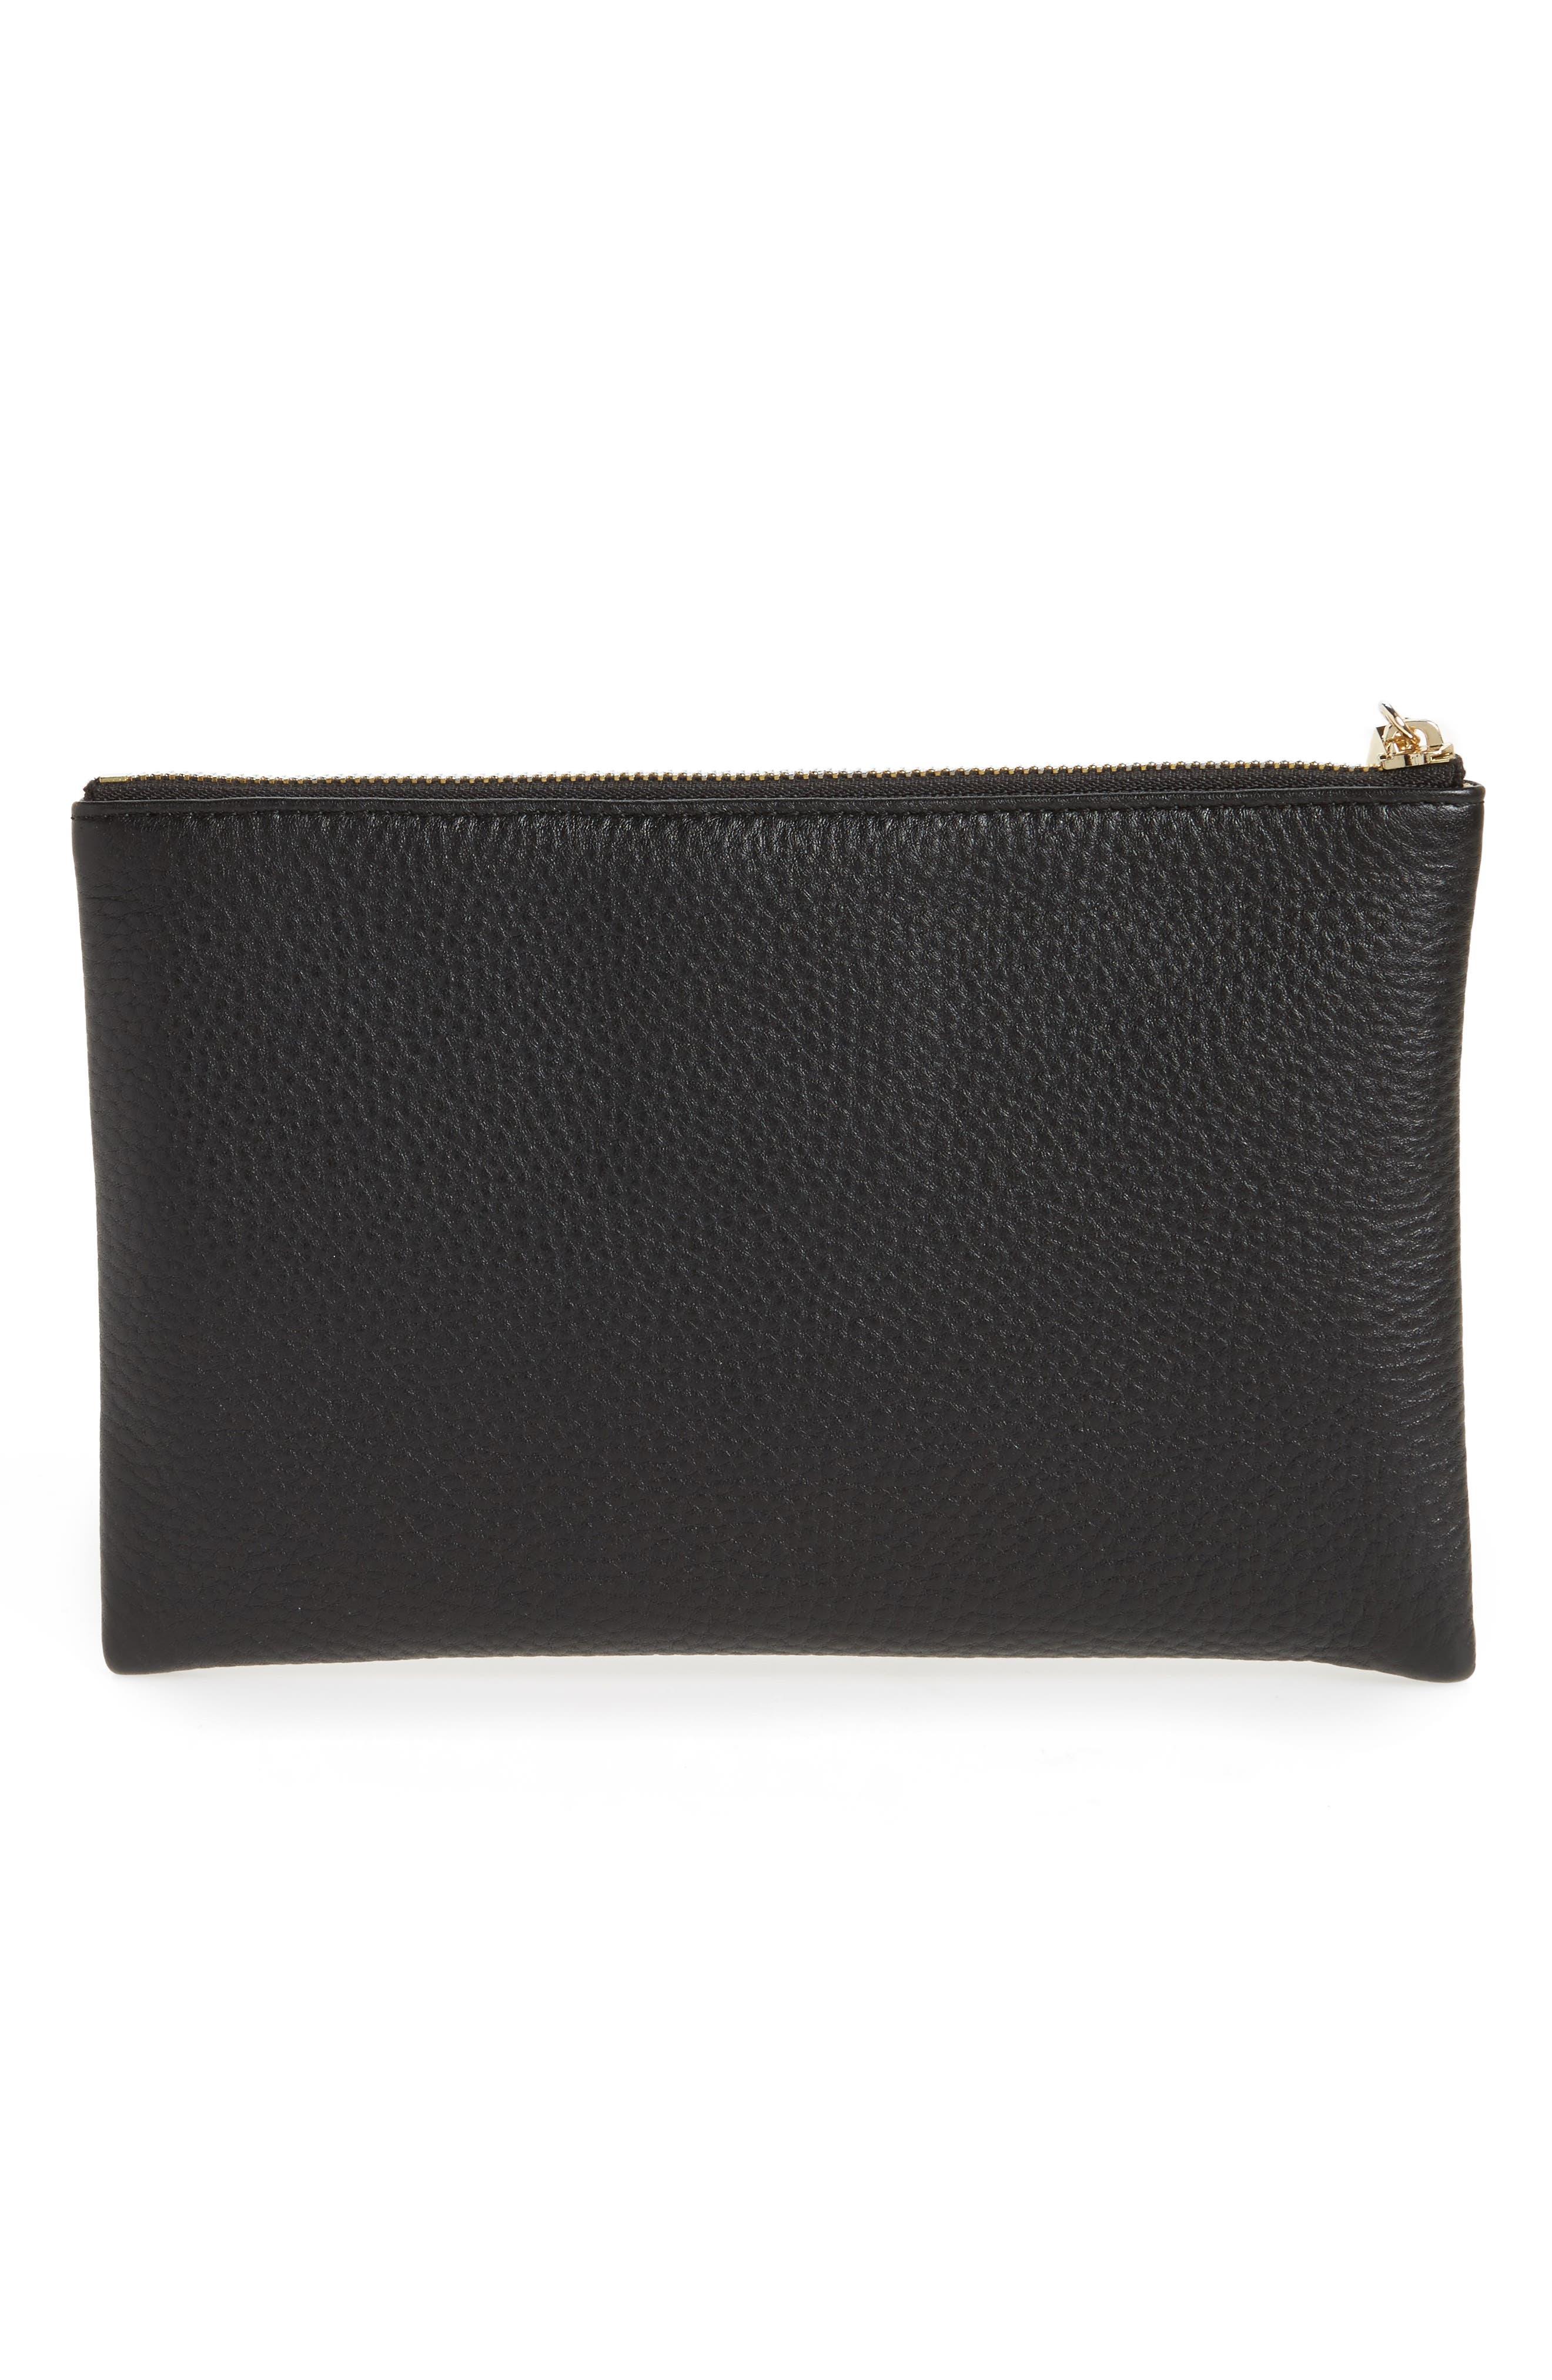 Céline Dion Adagio Leather Zip Pouch,                             Alternate thumbnail 4, color,                             001